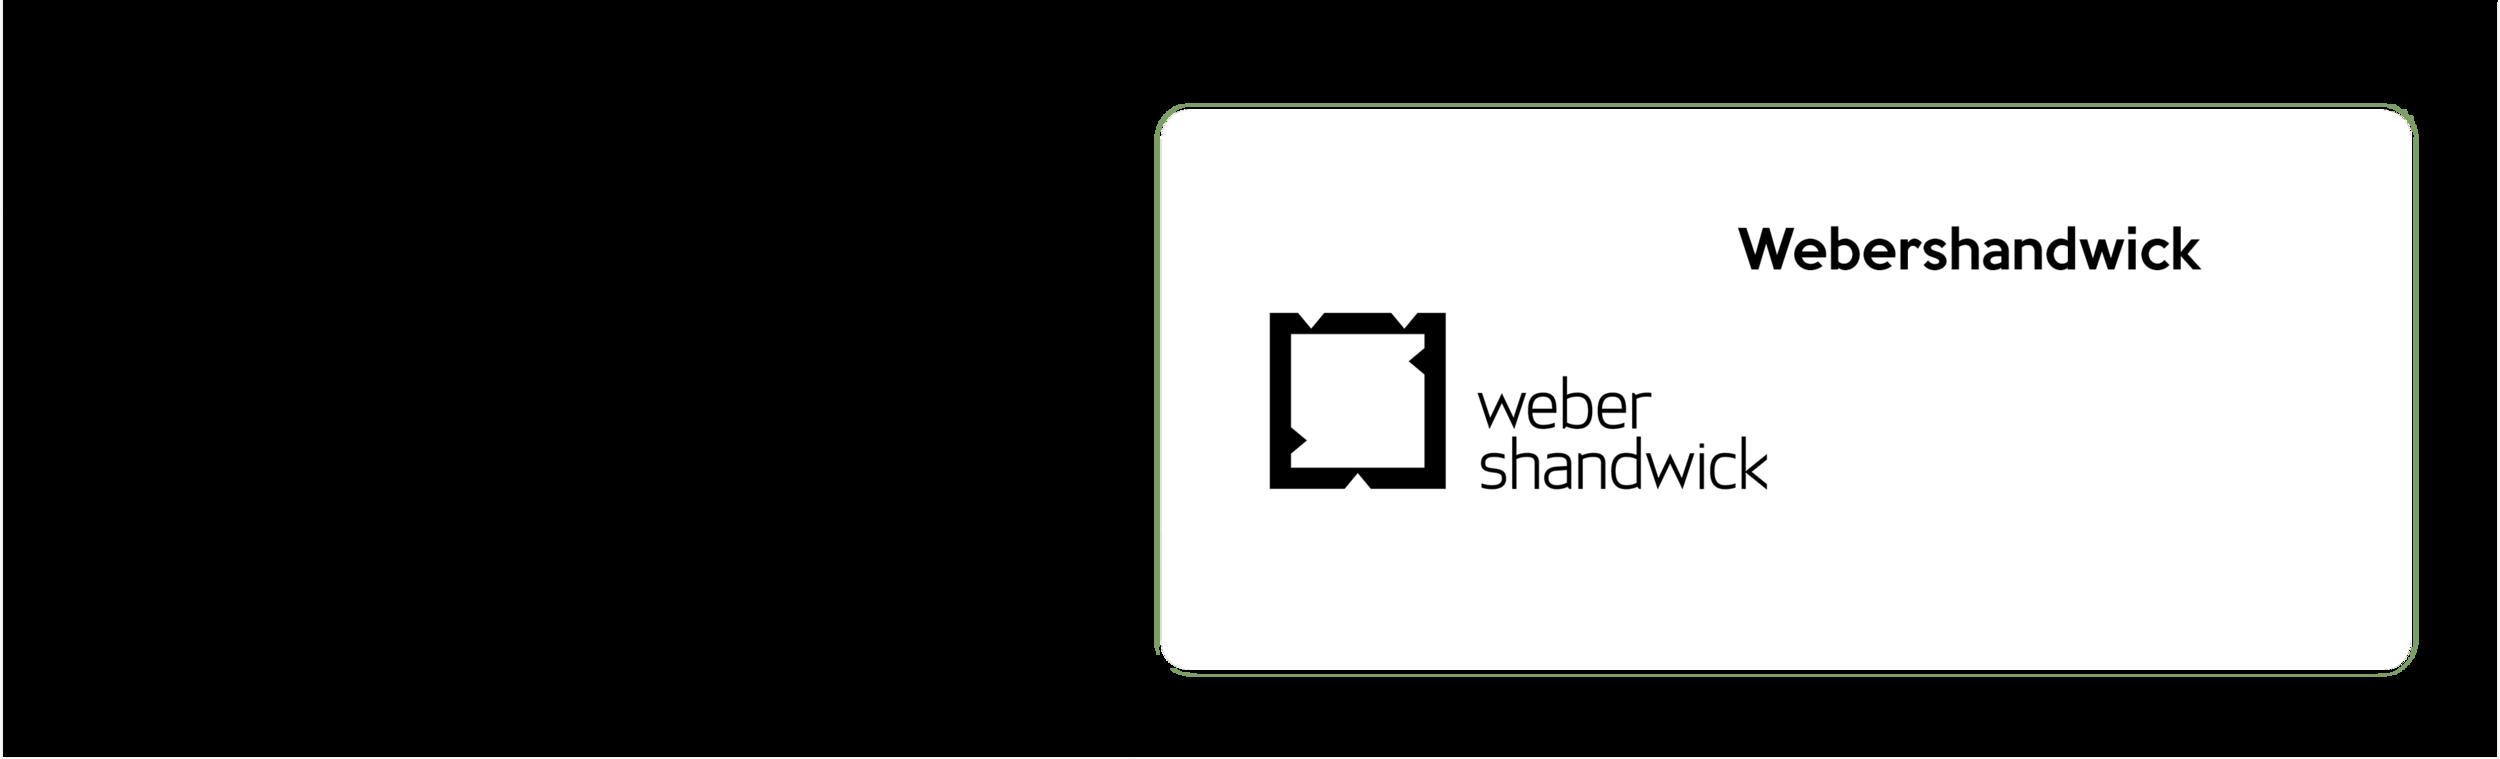 klanten weber.png